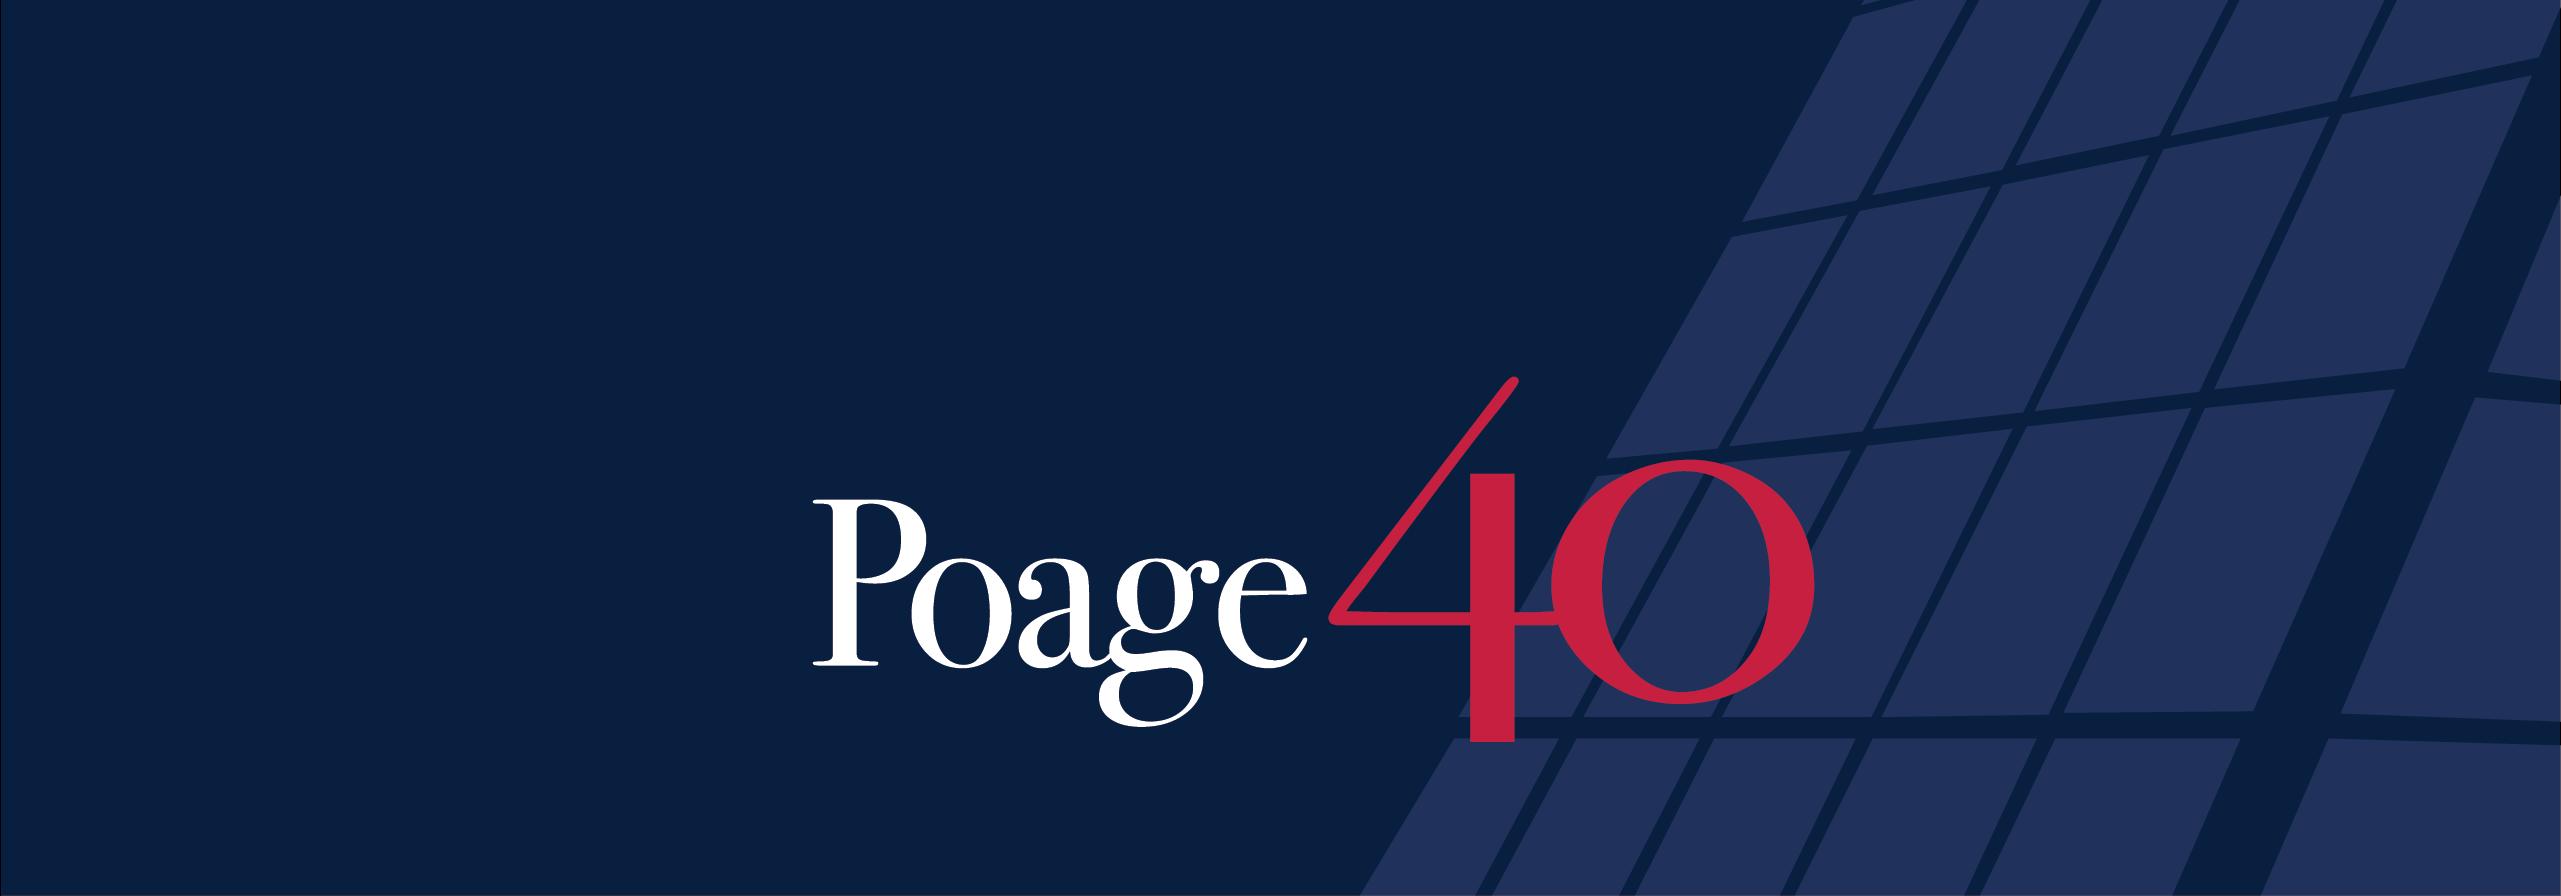 Poage at 40